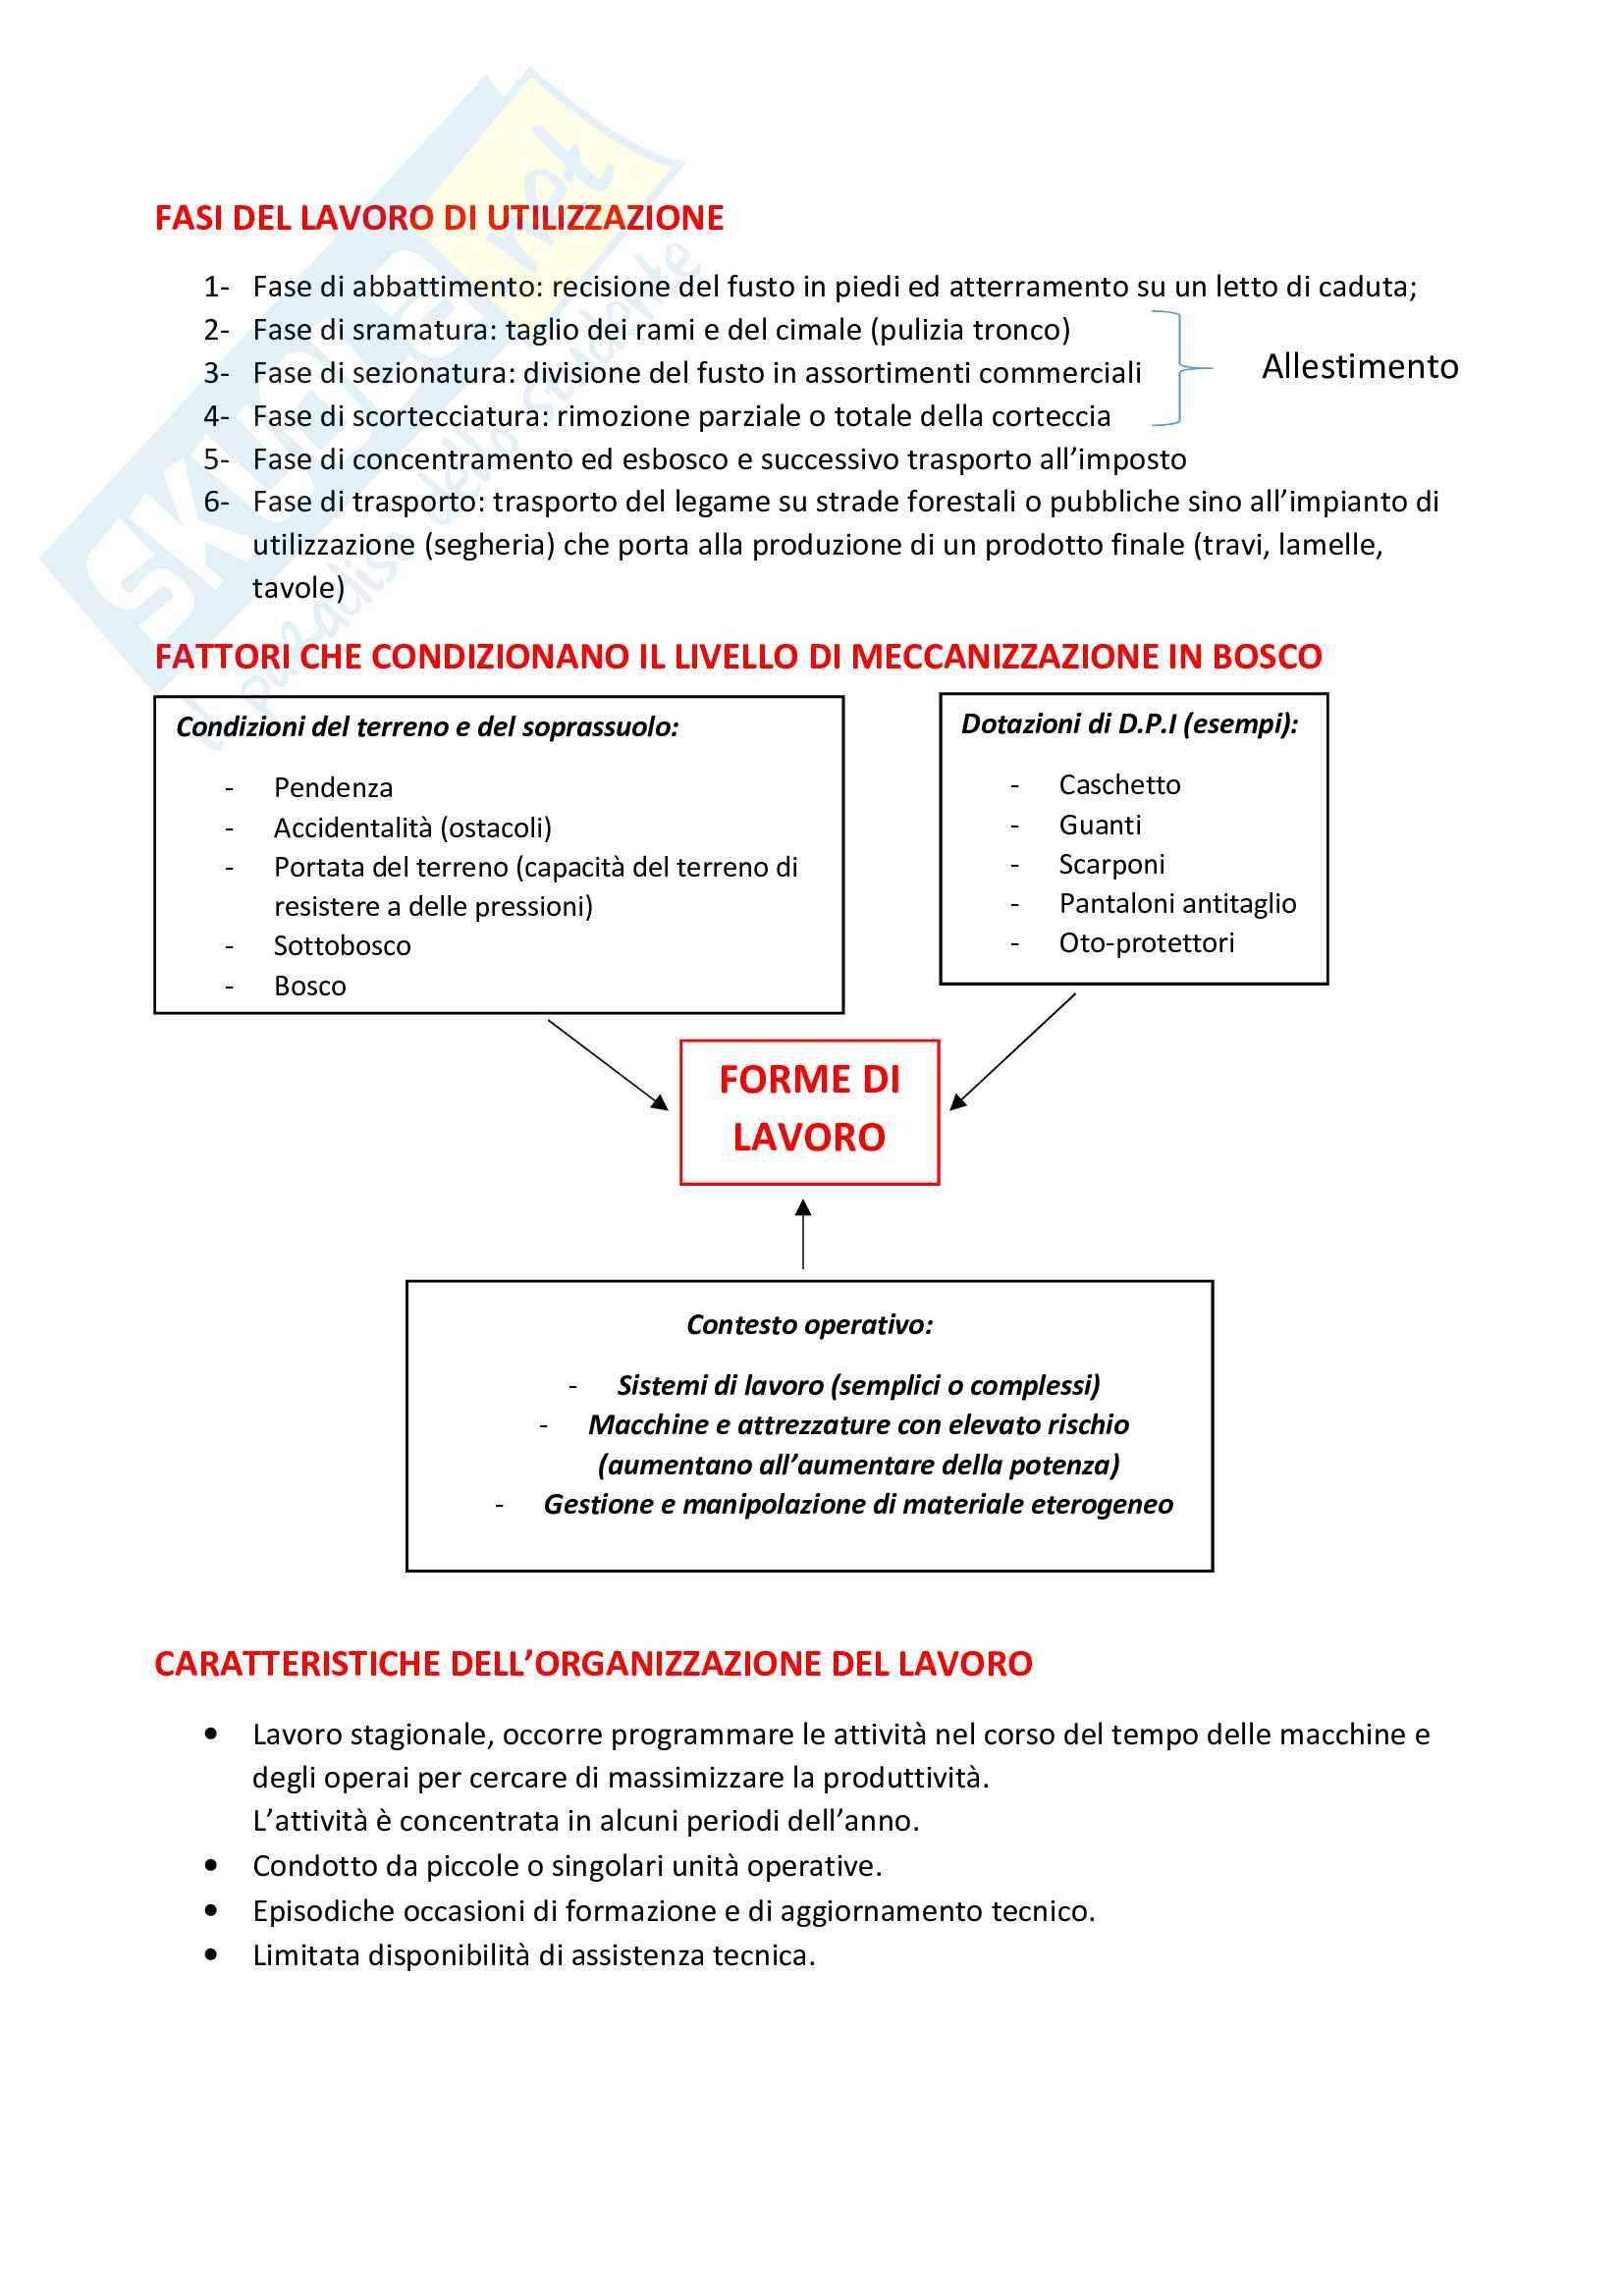 Meccanica e meccanizzazione forestale Pag. 2